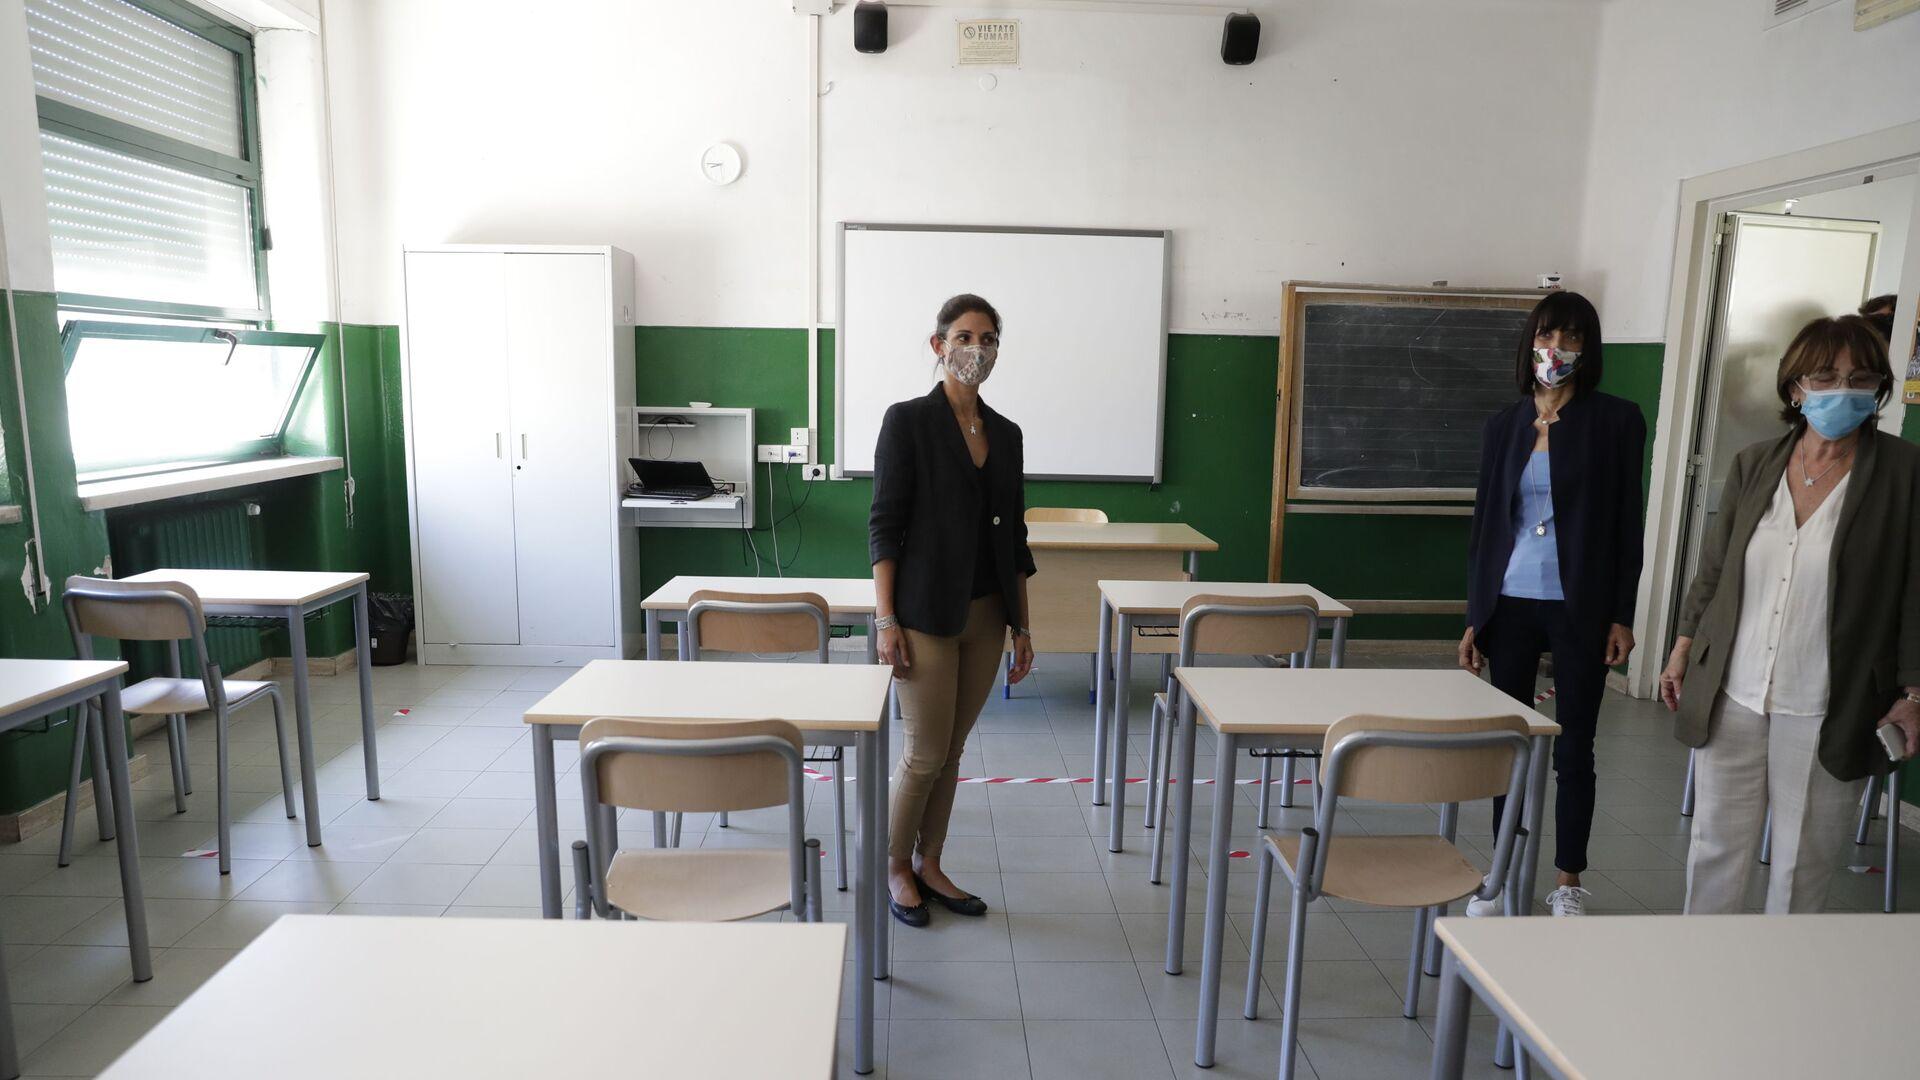 Virginia Raggi a scuola a Roma prima dell'inizio dell'anno scolastico - Sputnik Italia, 1920, 16.09.2021